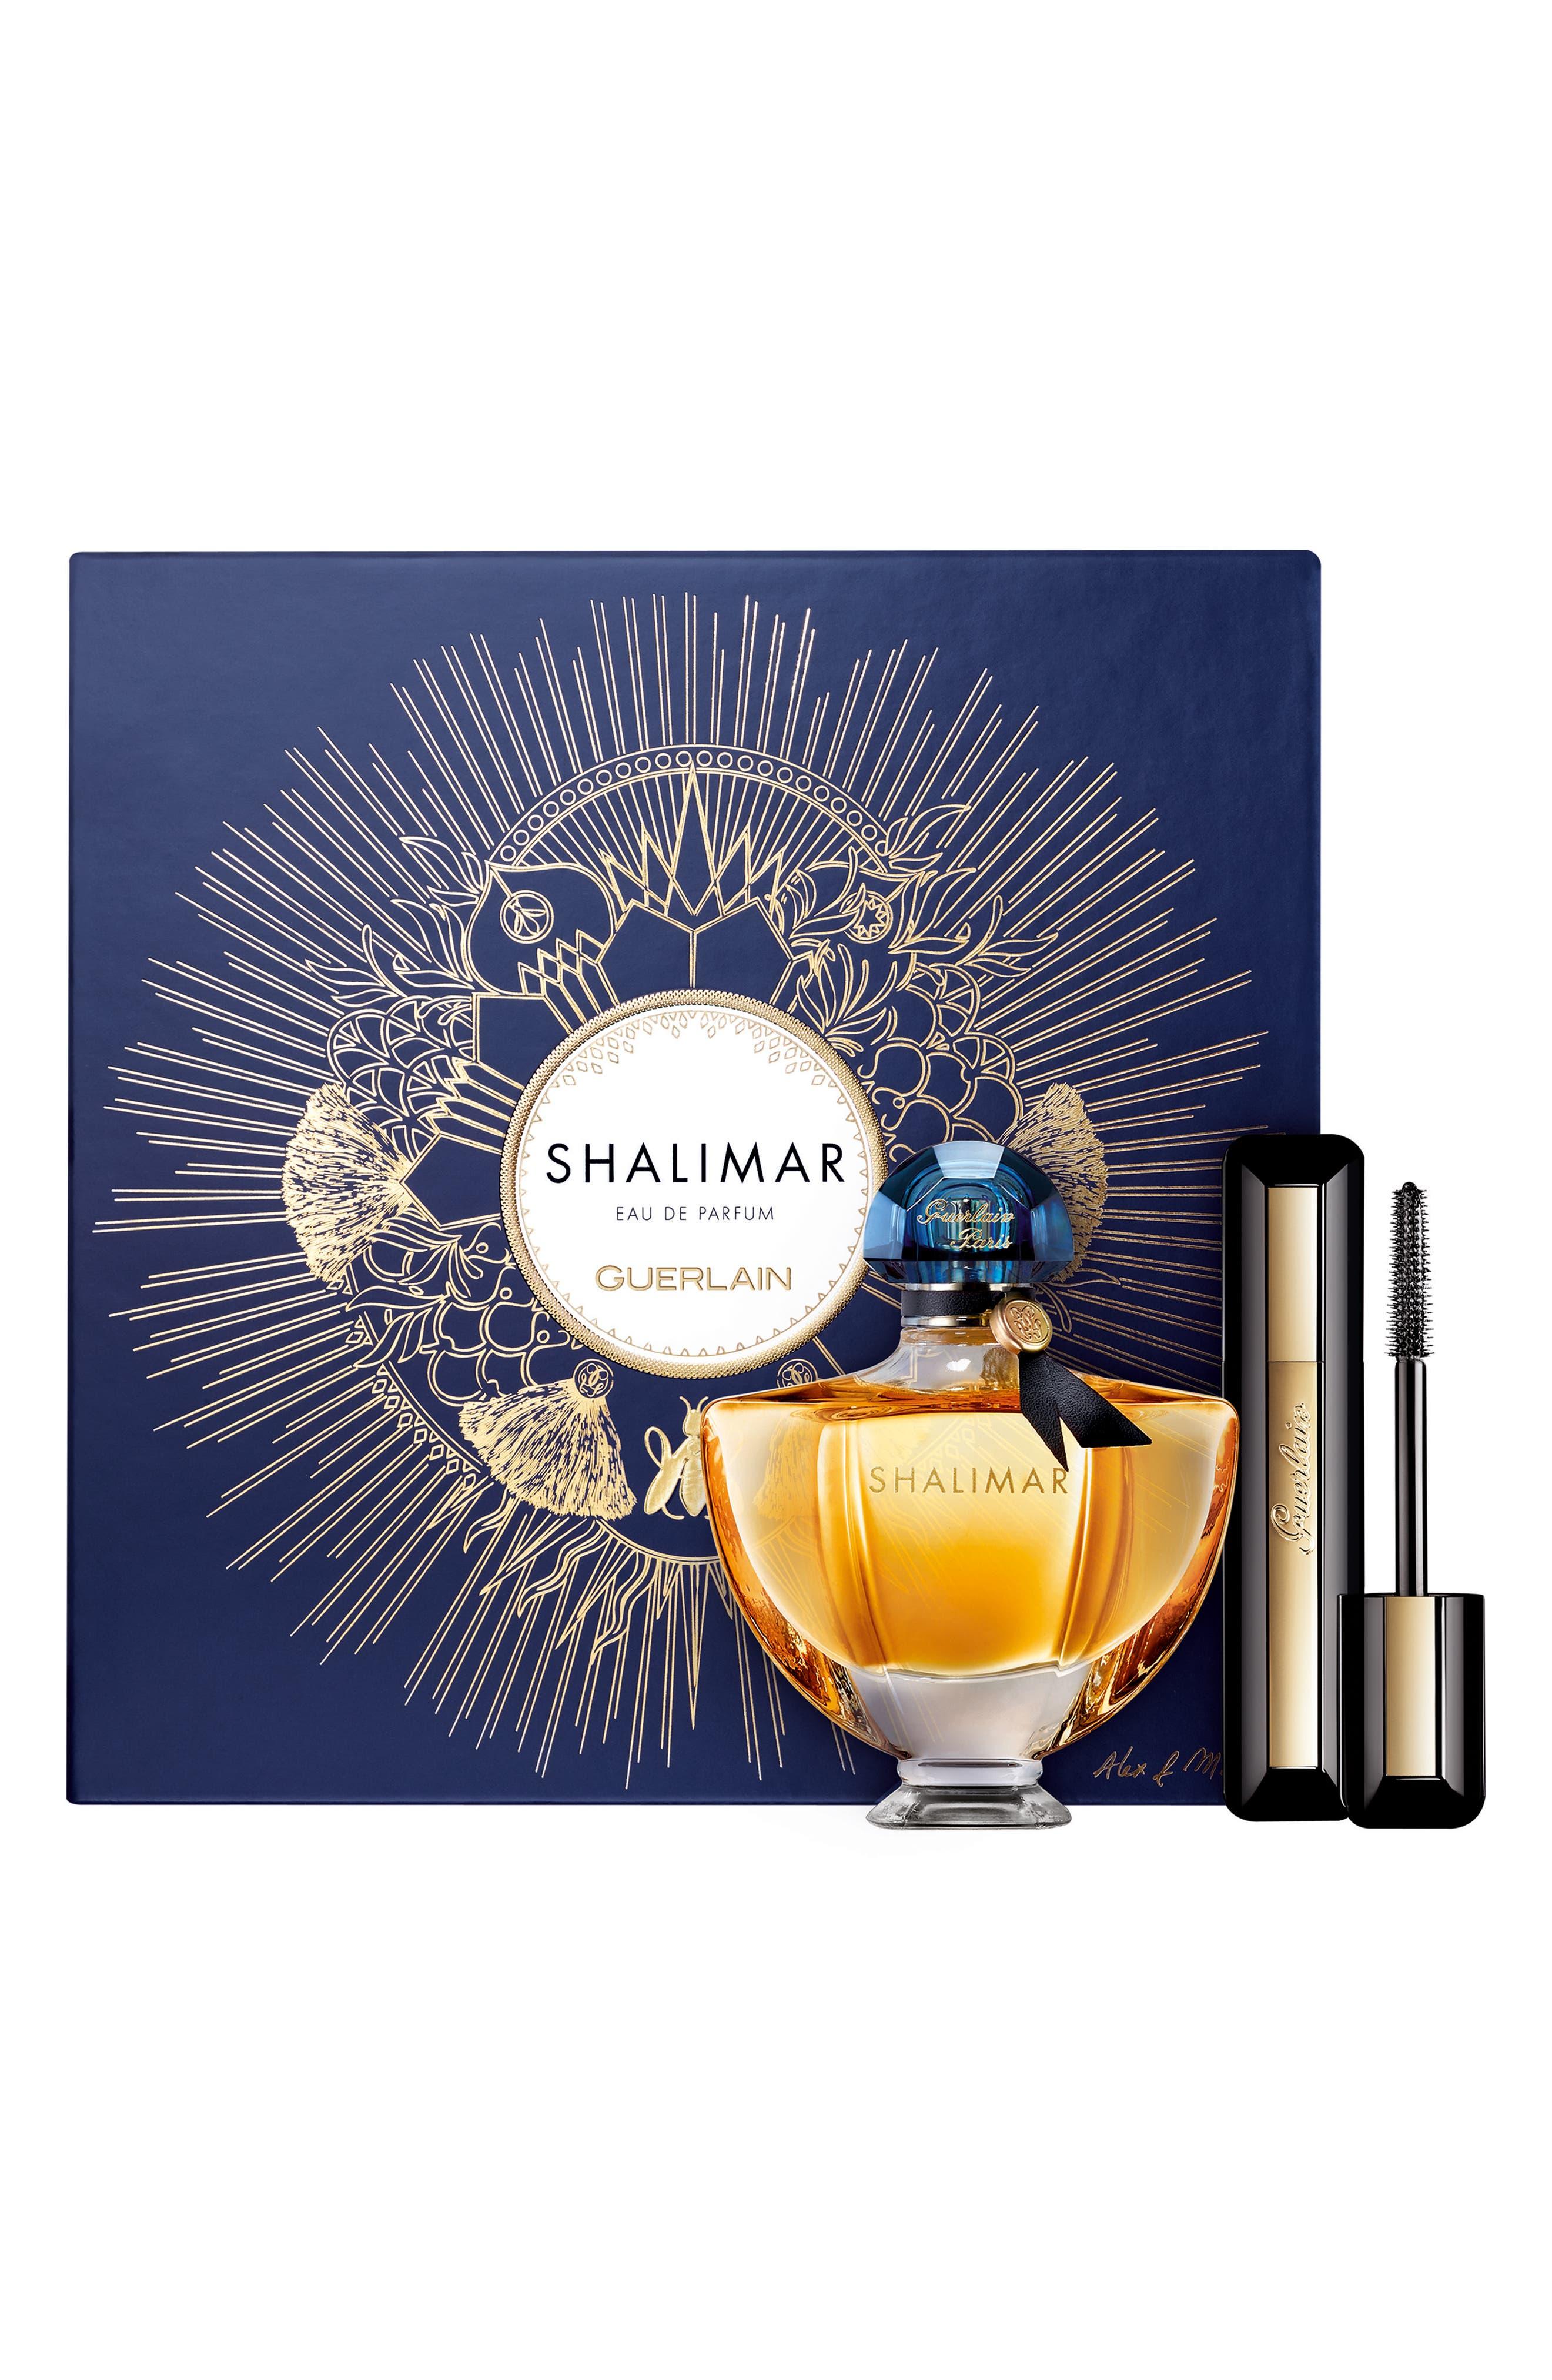 Alex & Marine Shalimar Eau de Parfum & Mascara Set,                         Main,                         color, 000